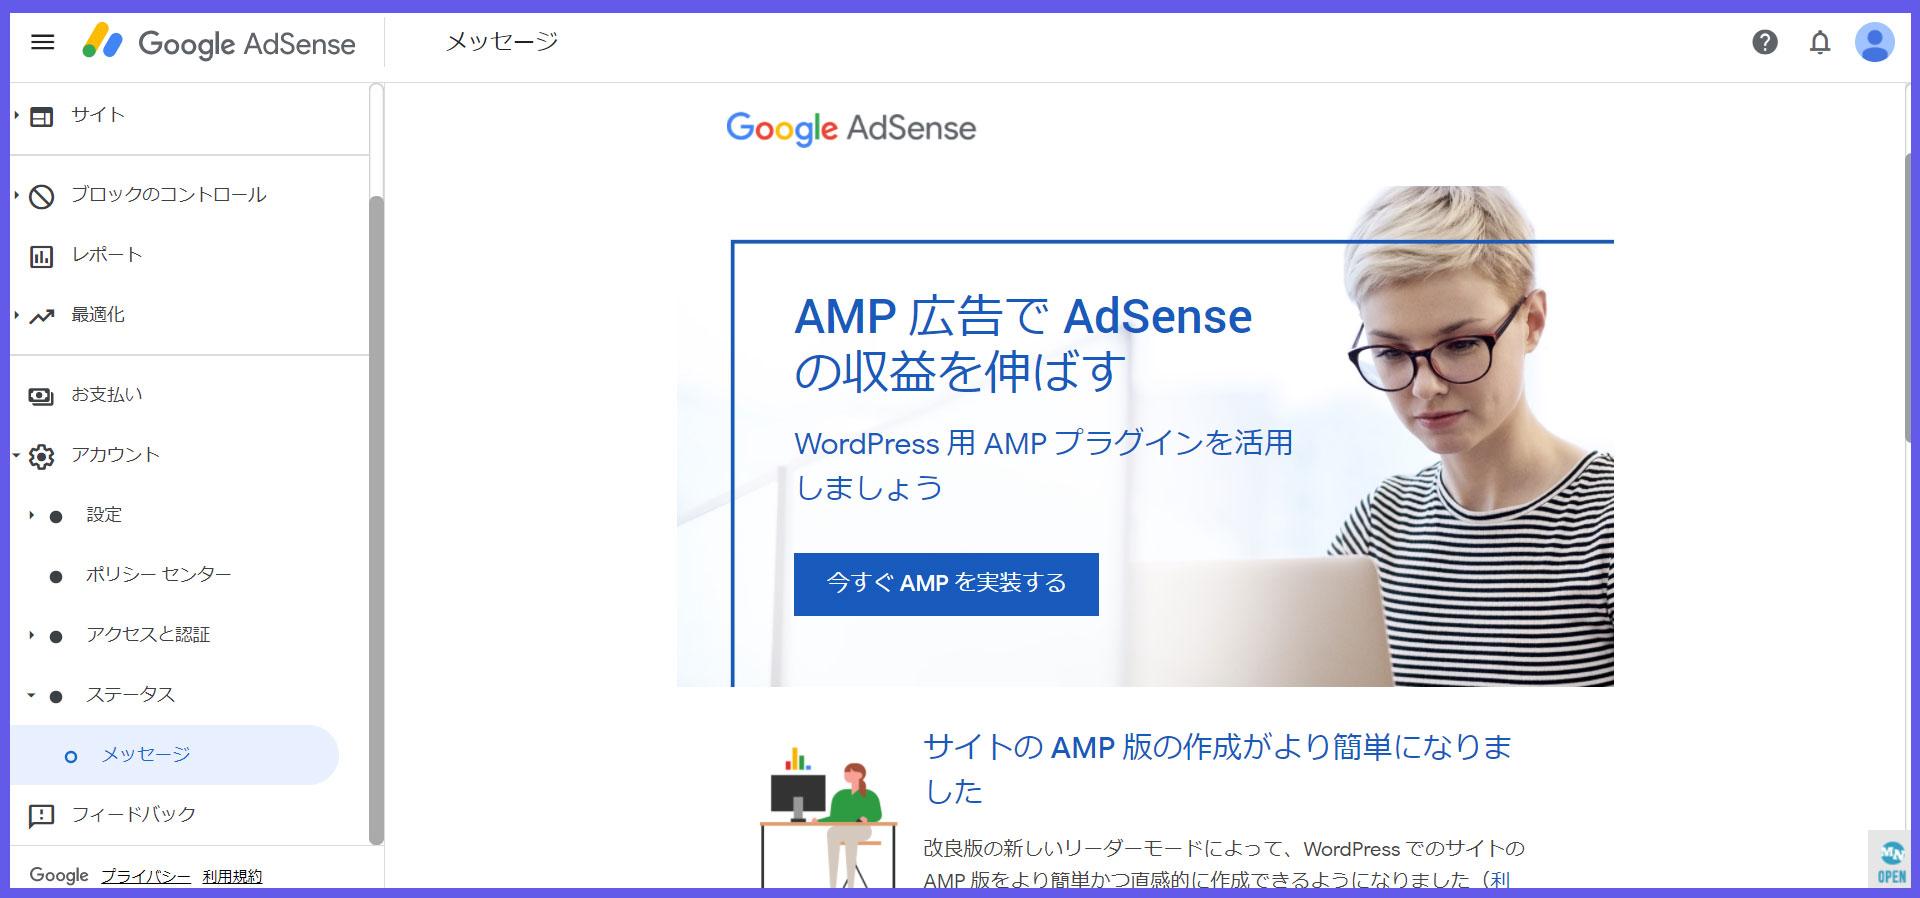 グーグルアドセンスのAMP設定